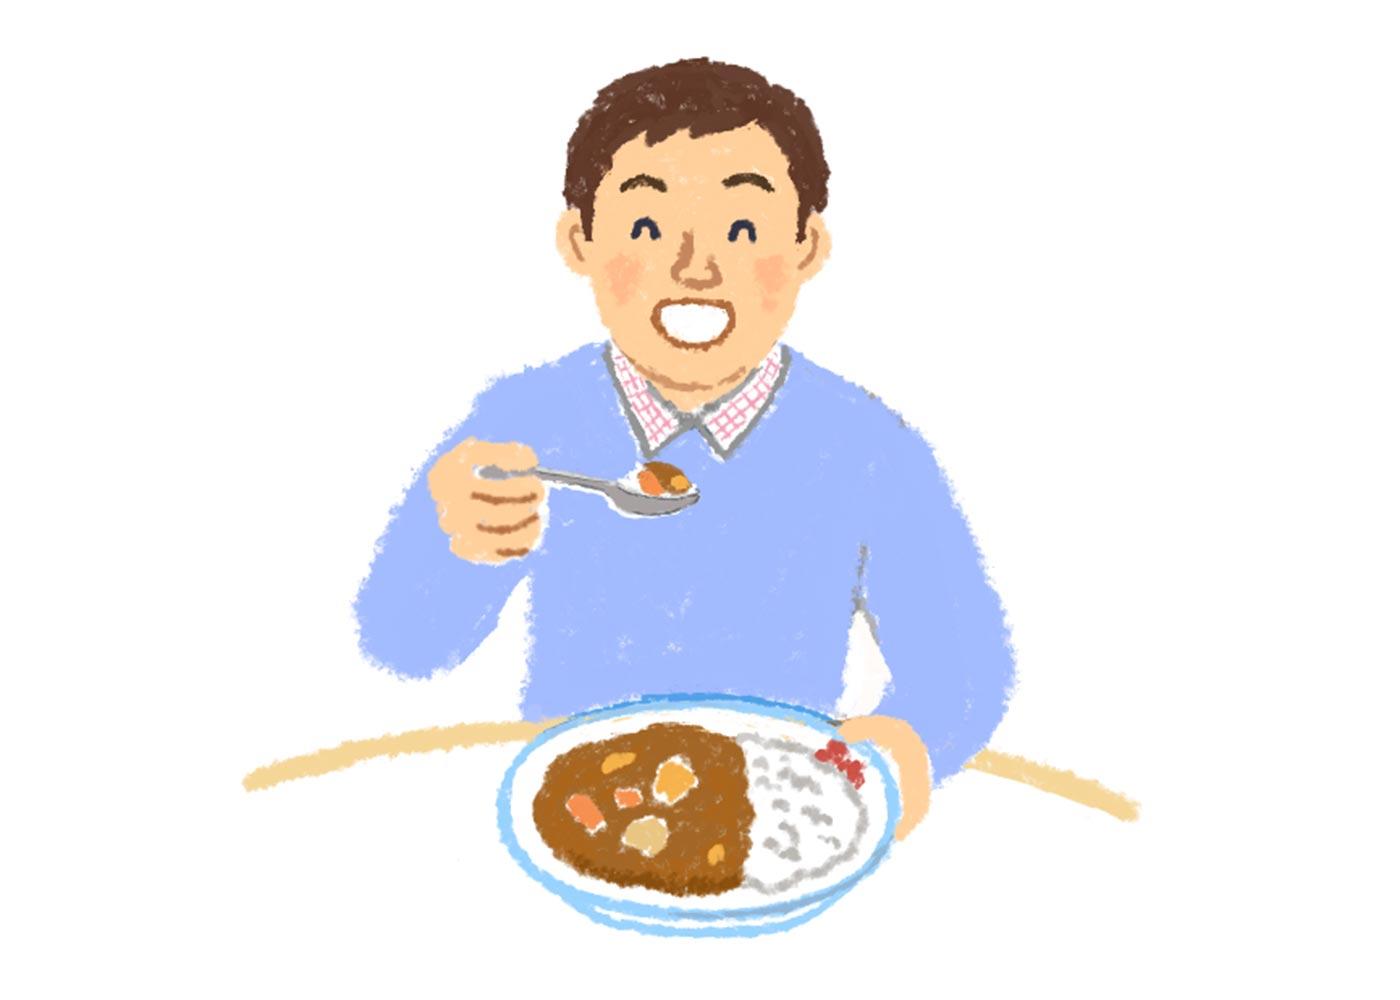 にんにくのスパイス効果とマスキング効果で食欲増進